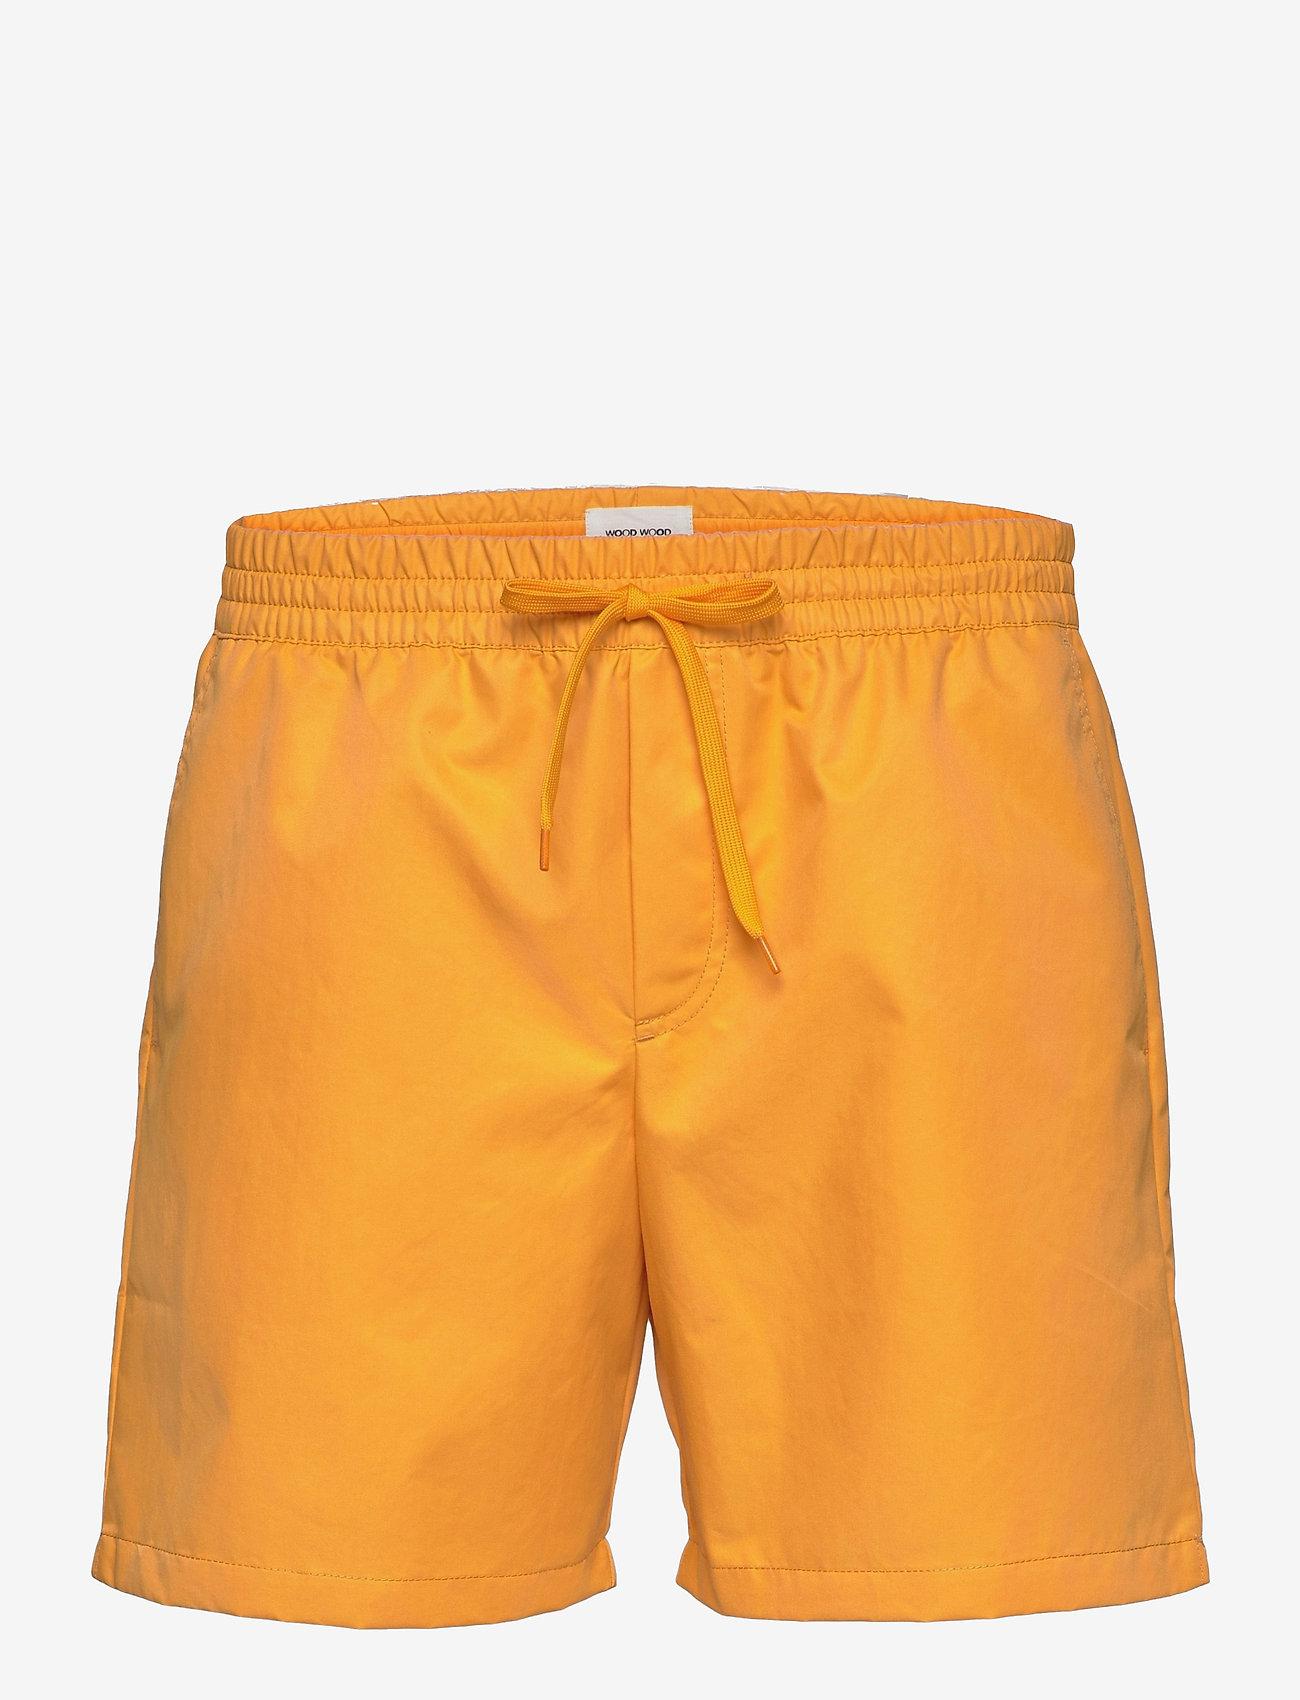 Wood Wood - Roy swim shorts - shorts - light orange - 0